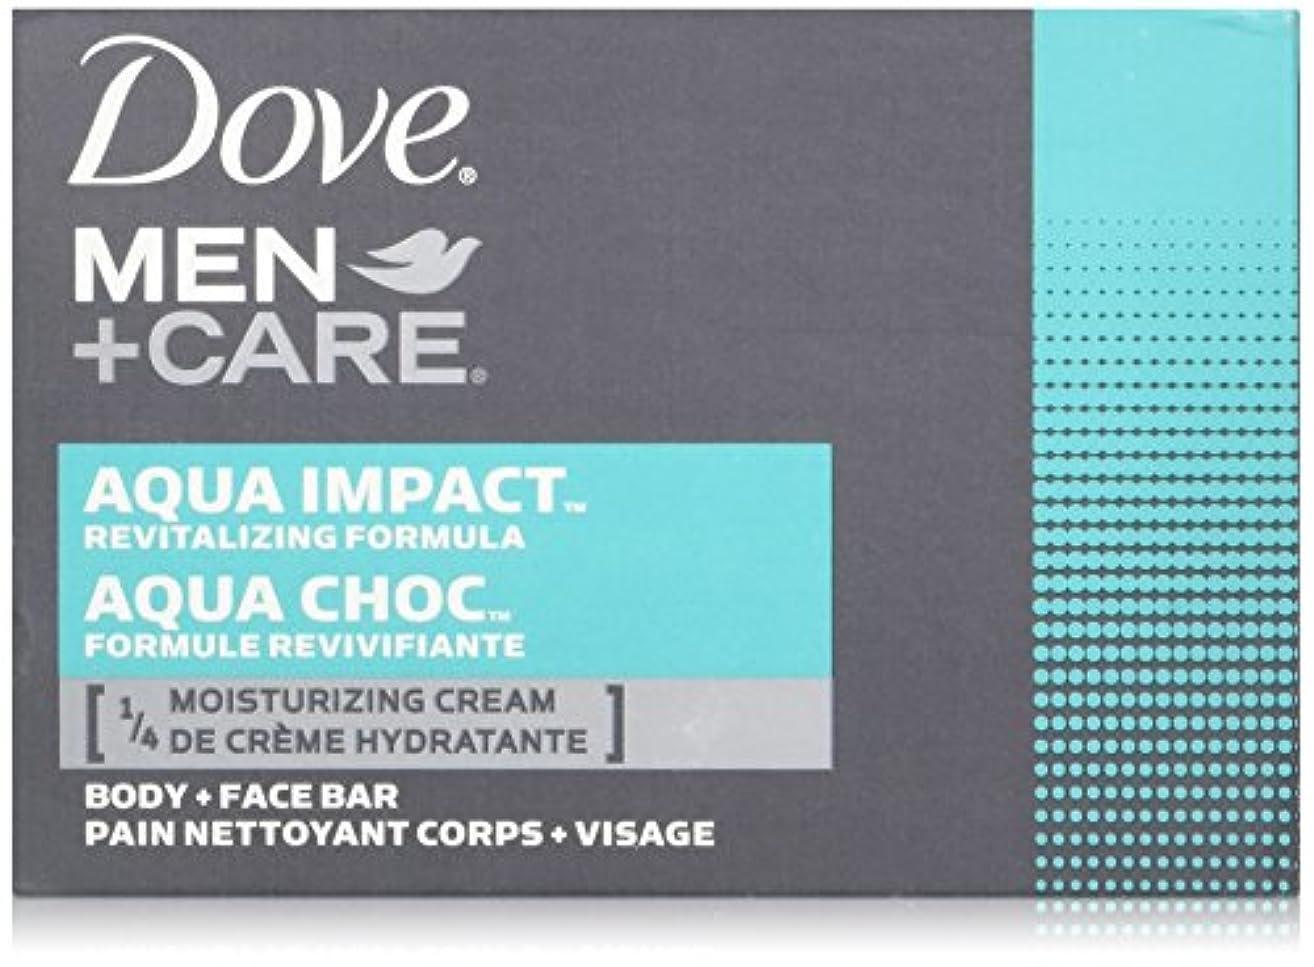 ホスト感じ完全にDove Men + Care Body and Face Bar, AQUA IMPACT 4oz x 6soaps ダブ メン プラスケア アクアインパクト 固形石鹸 4oz x 6個パック